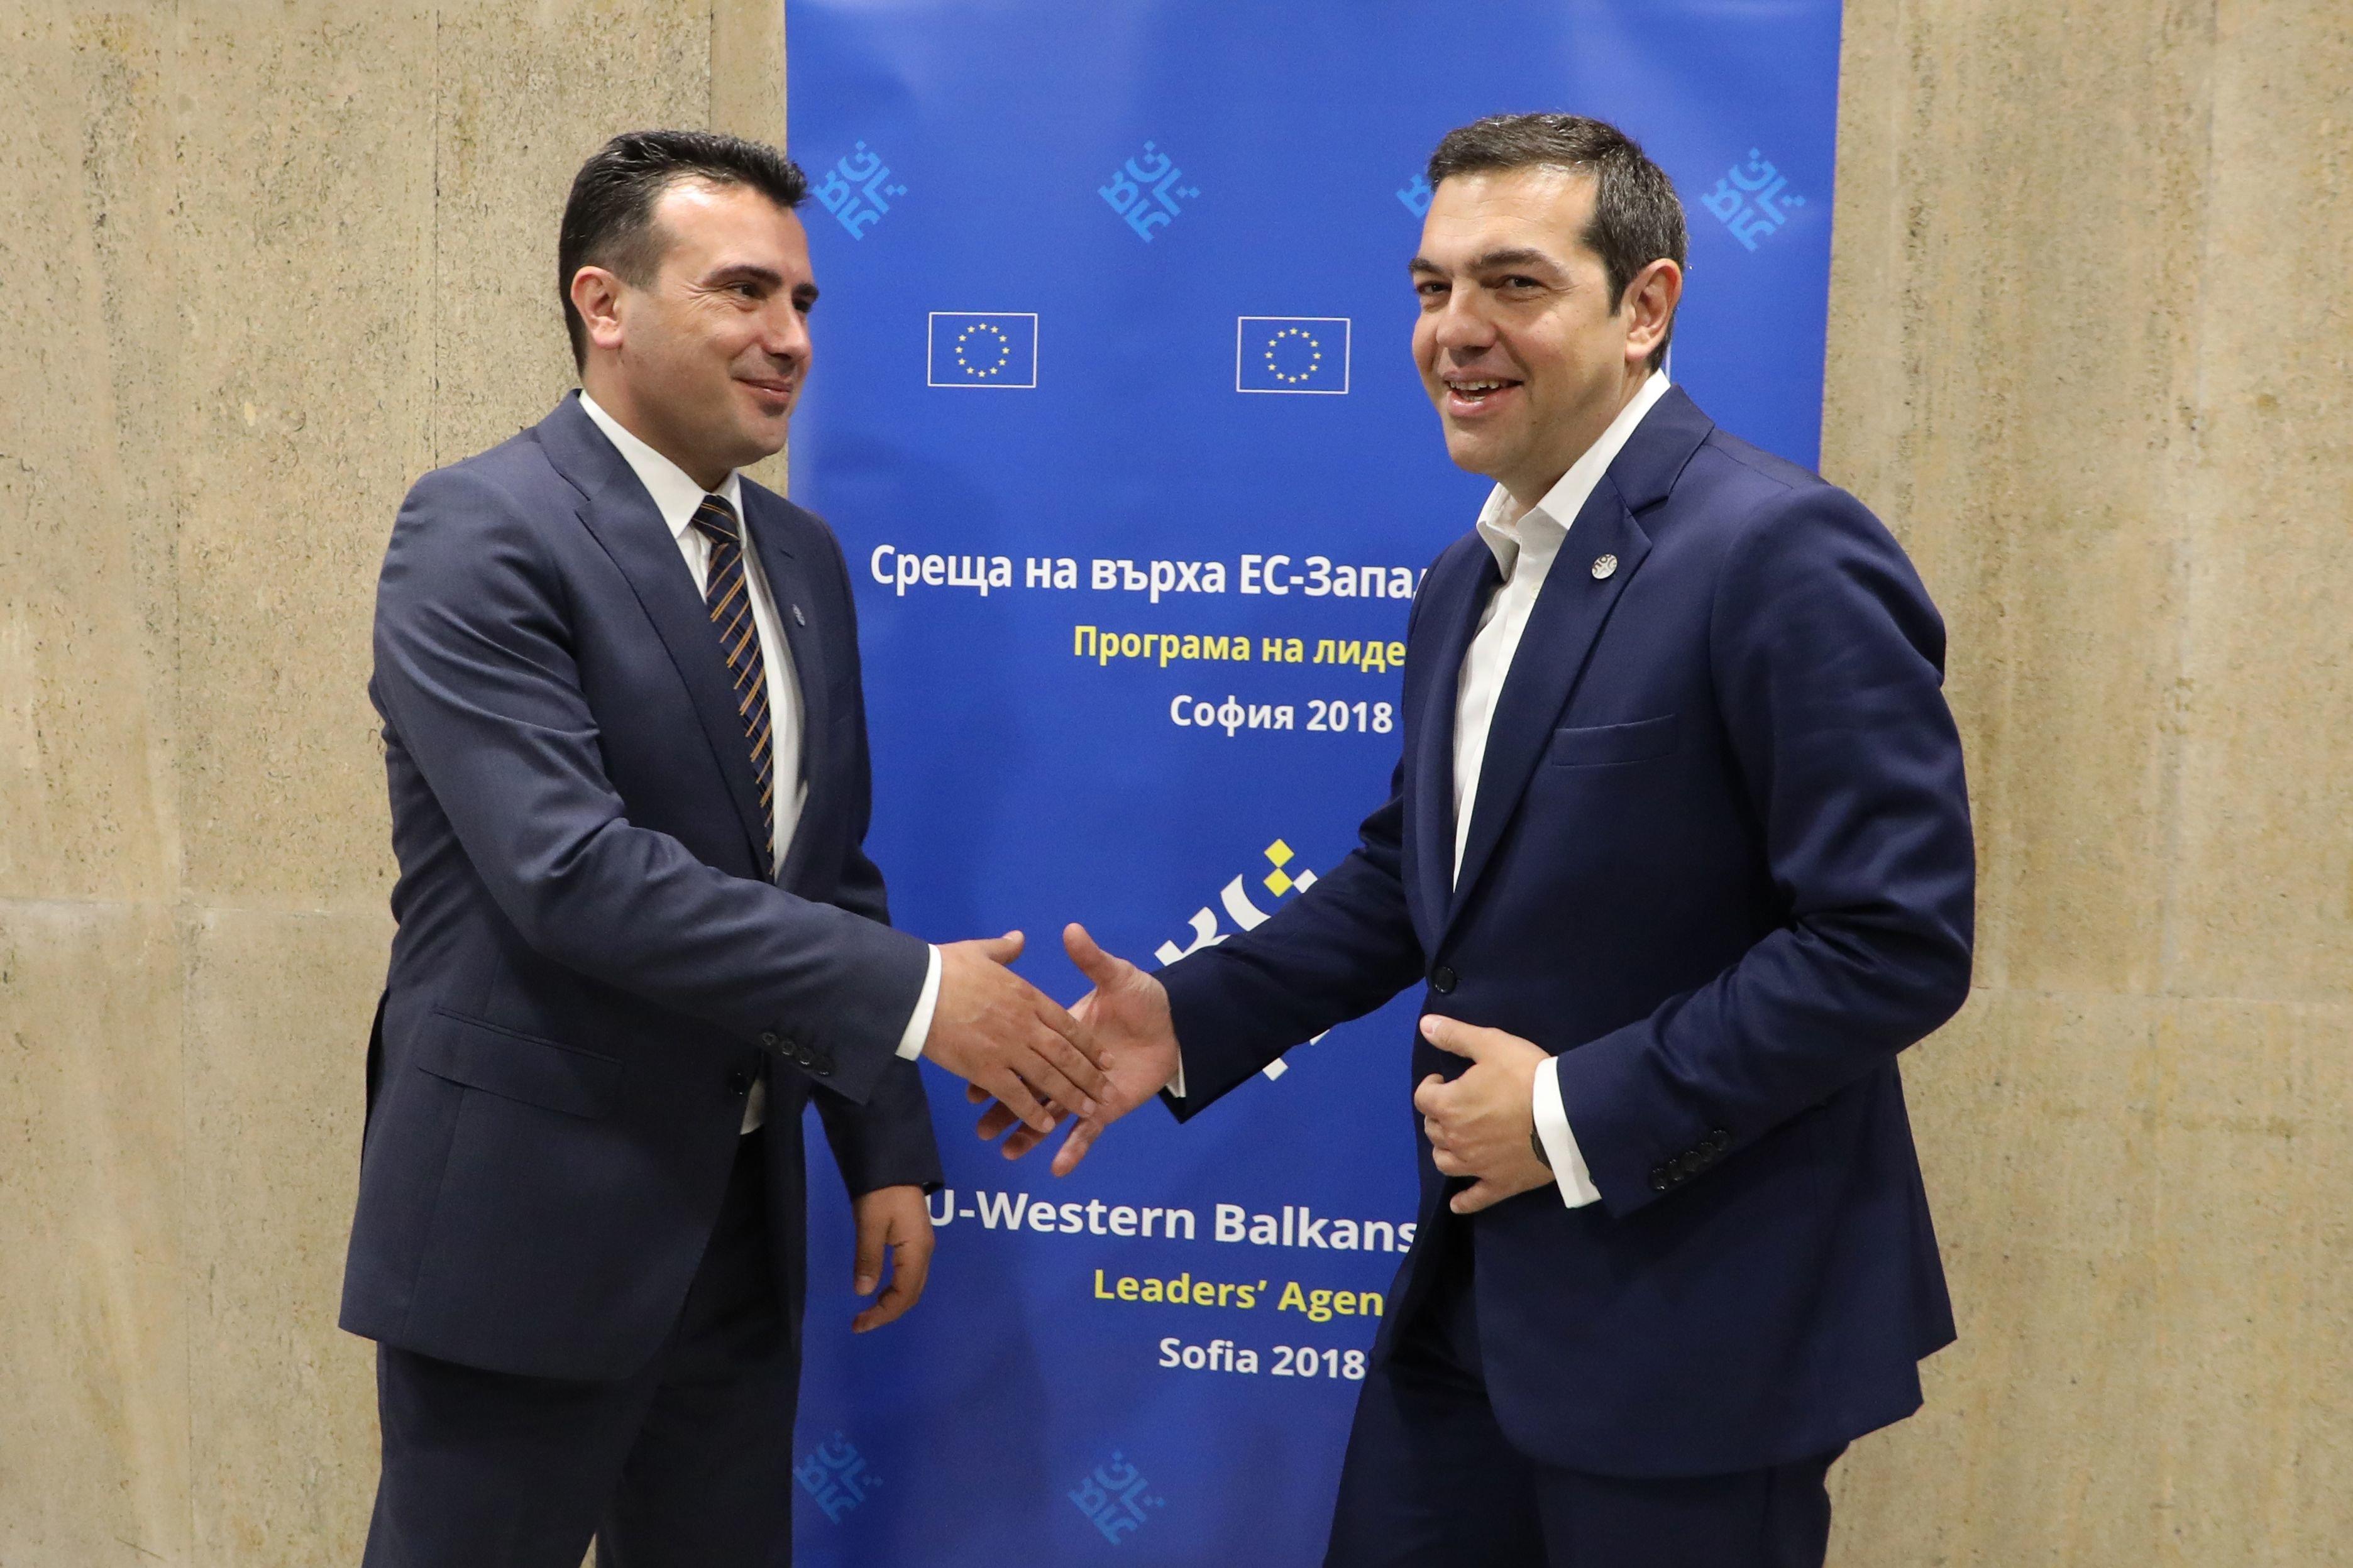 Τι προβλέπει η συμφωνία για το ονοματολογικό της ΠΓΔΜ